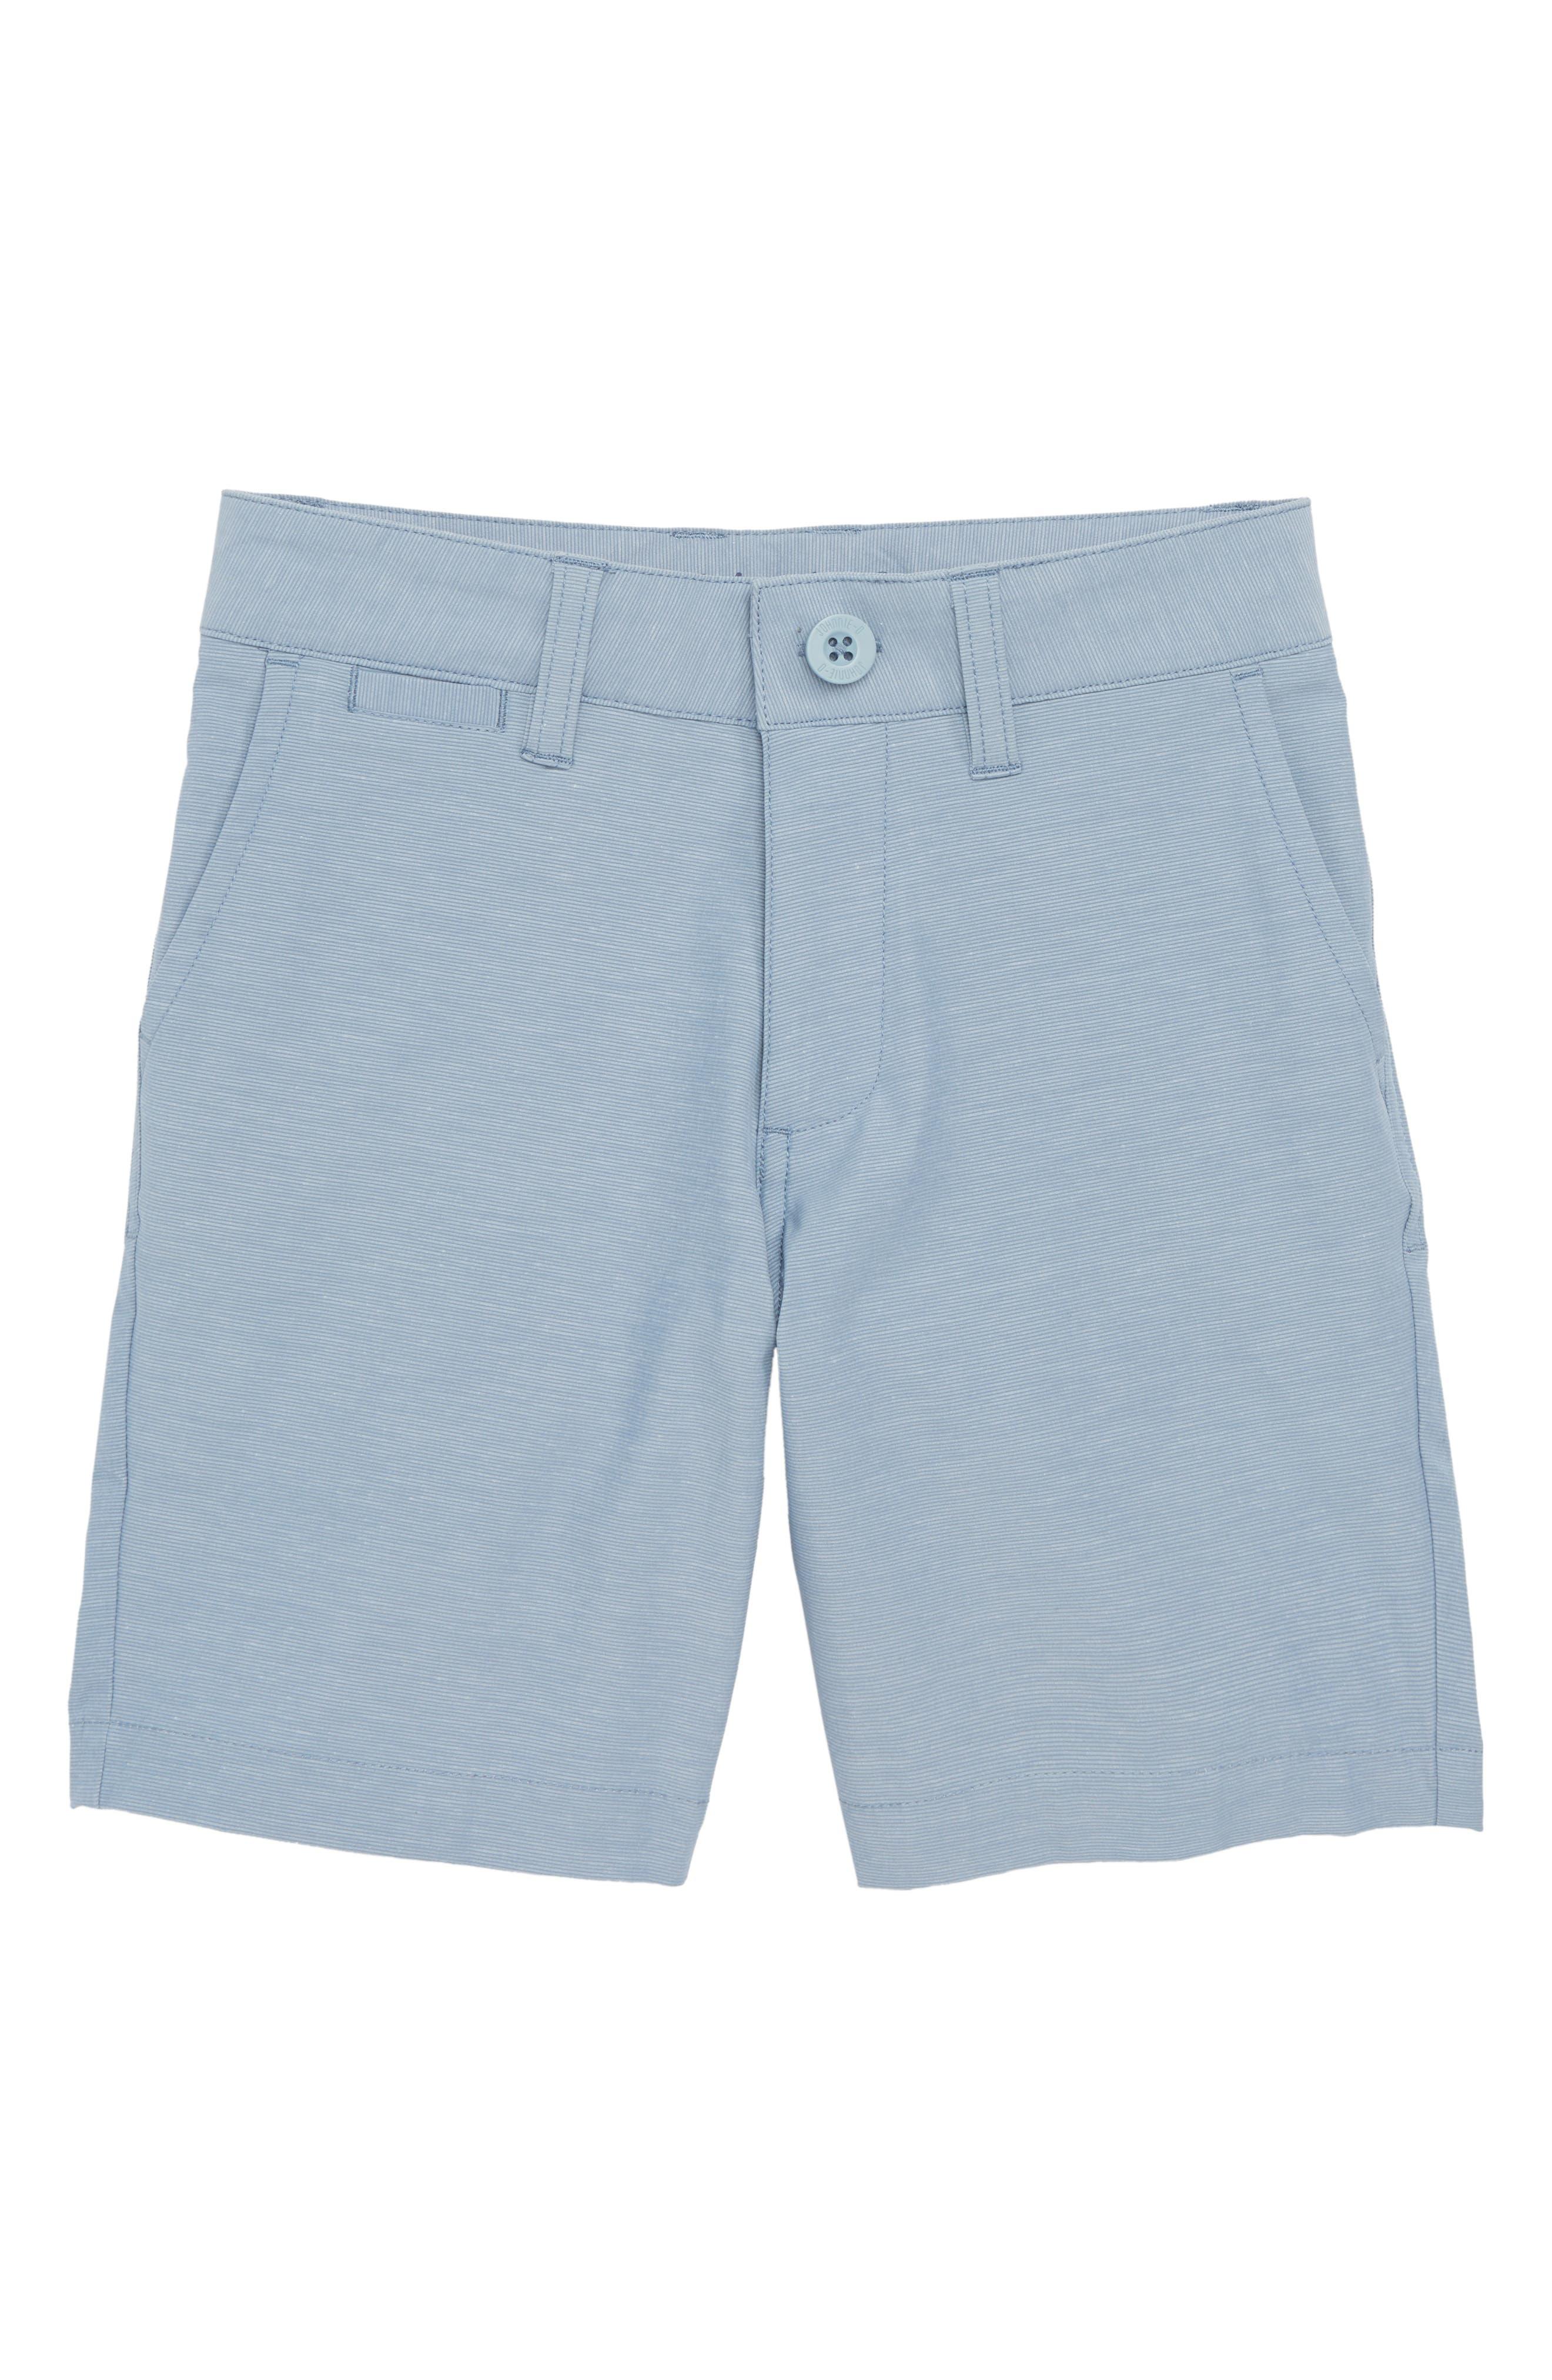 Wyatt Shorts,                         Main,                         color, Ripple